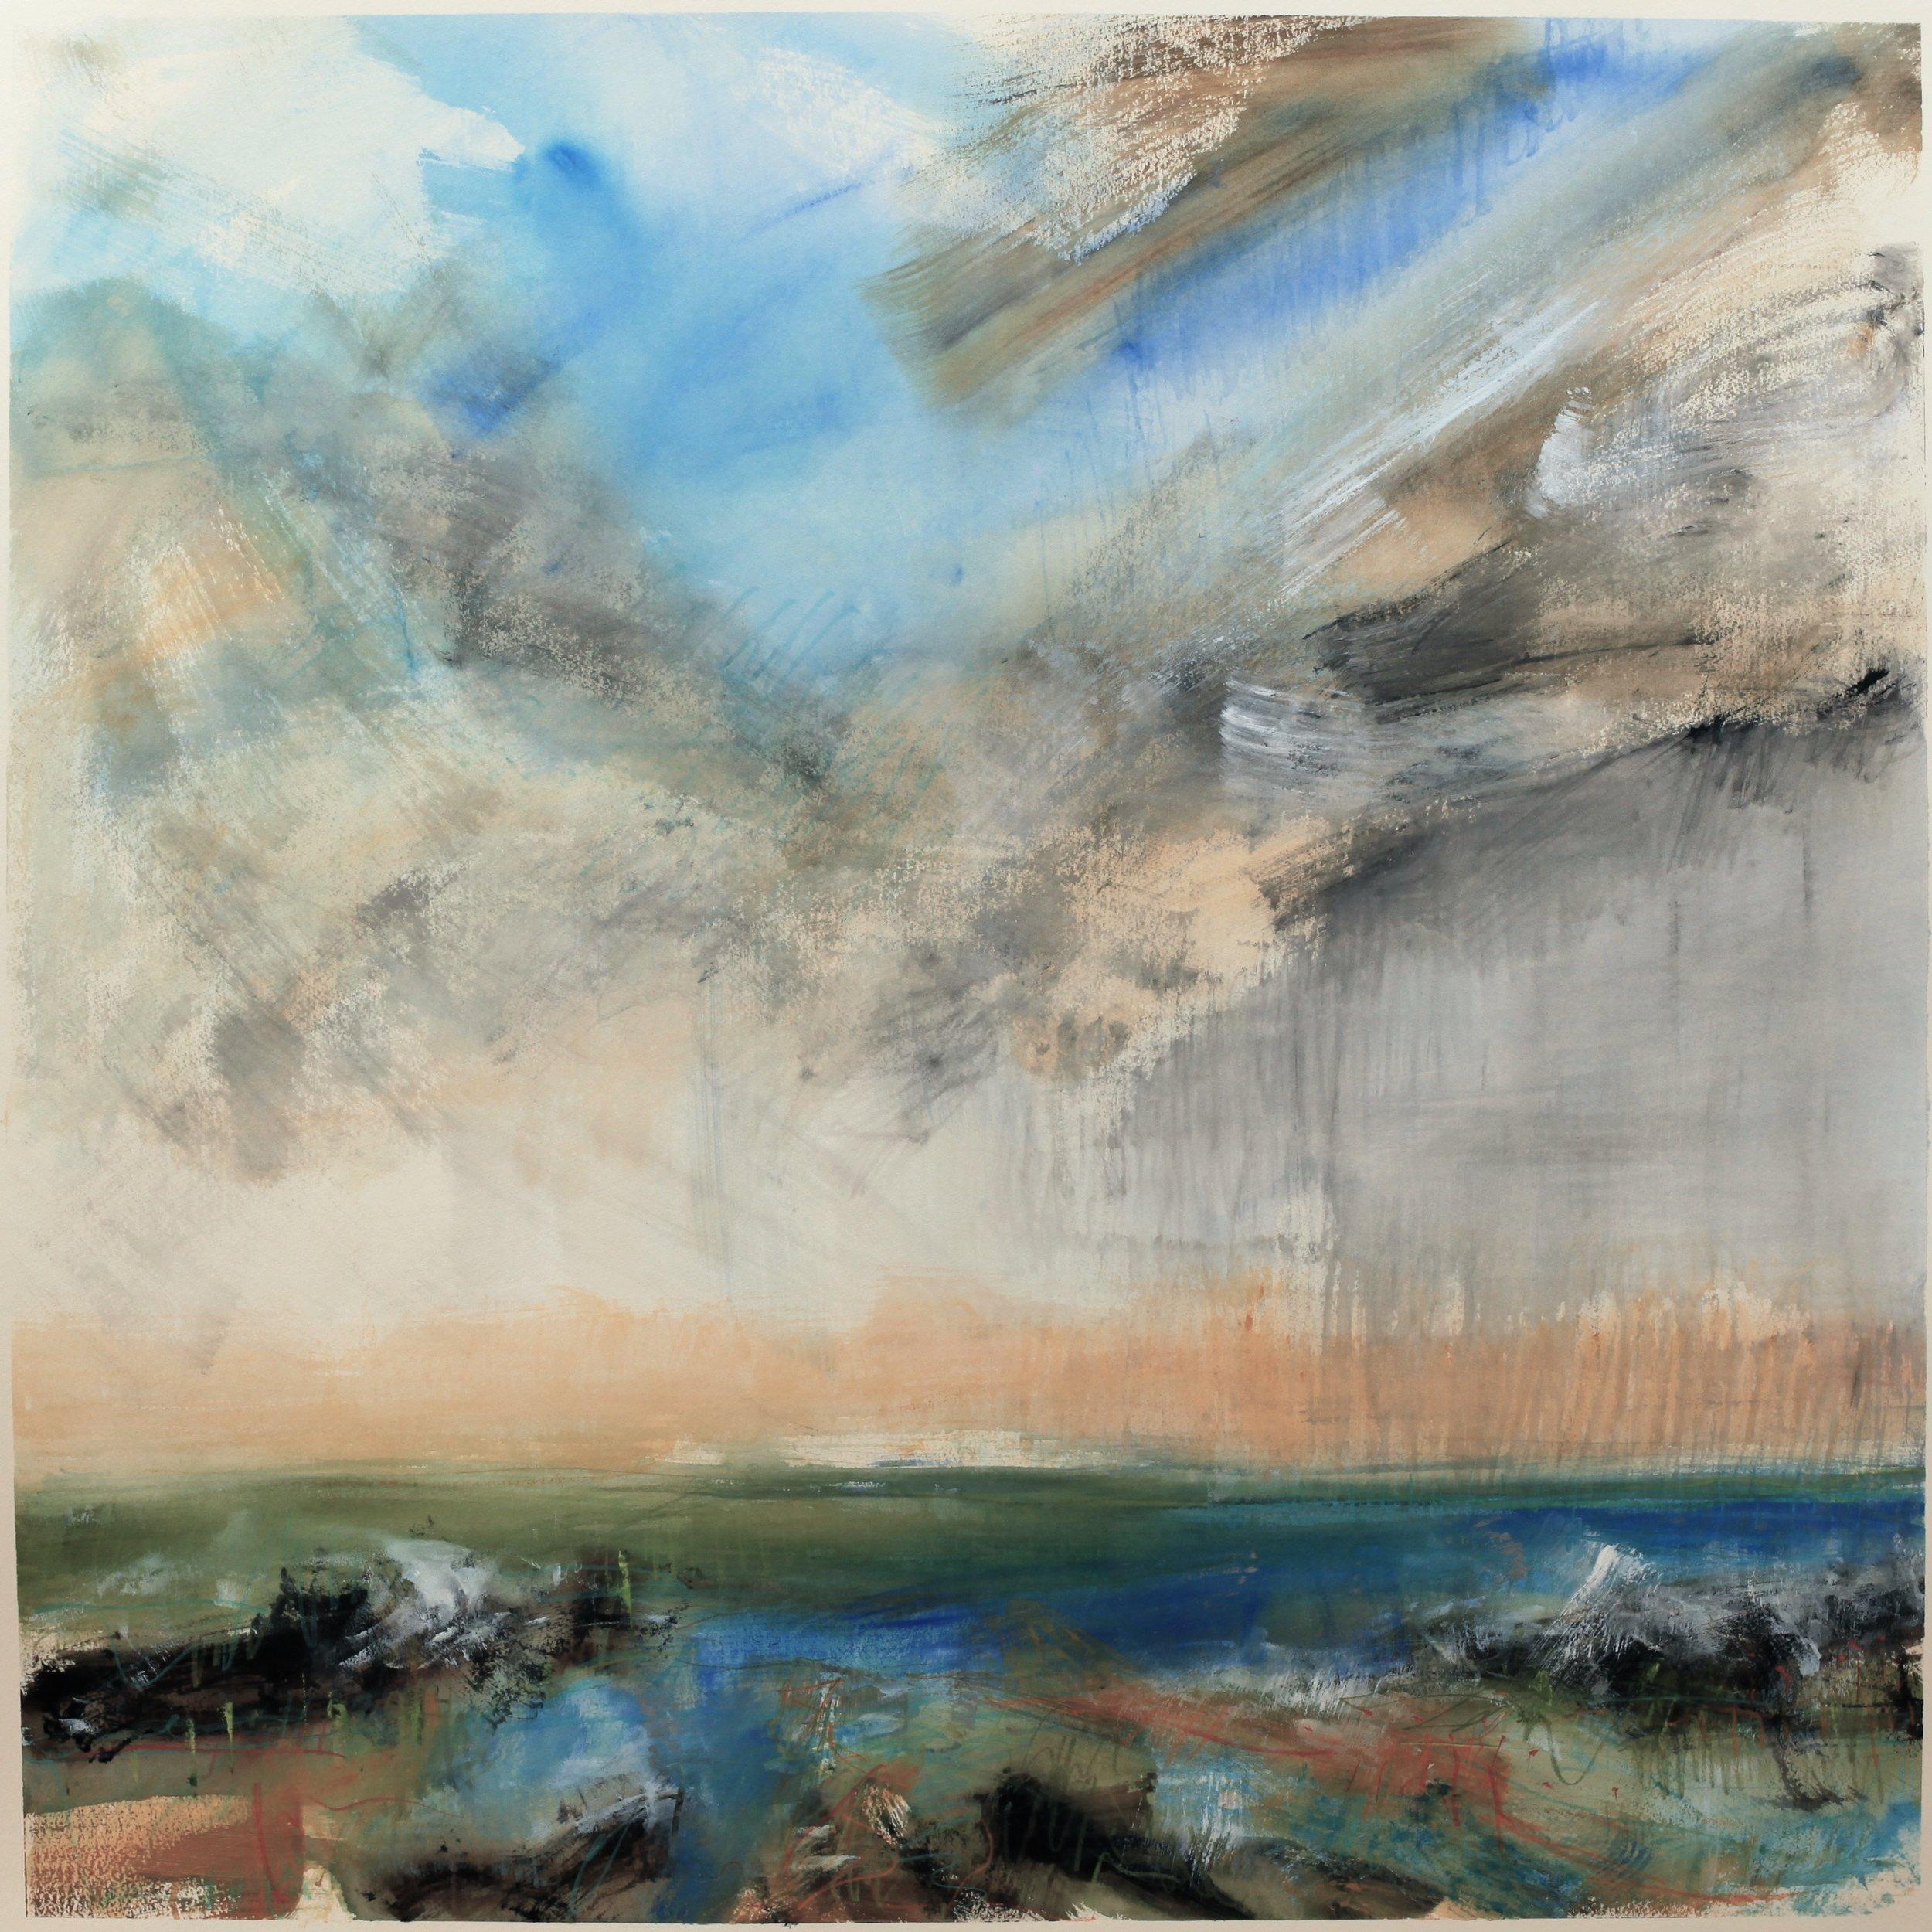 Rain came, watercolour, 104 x 104cm